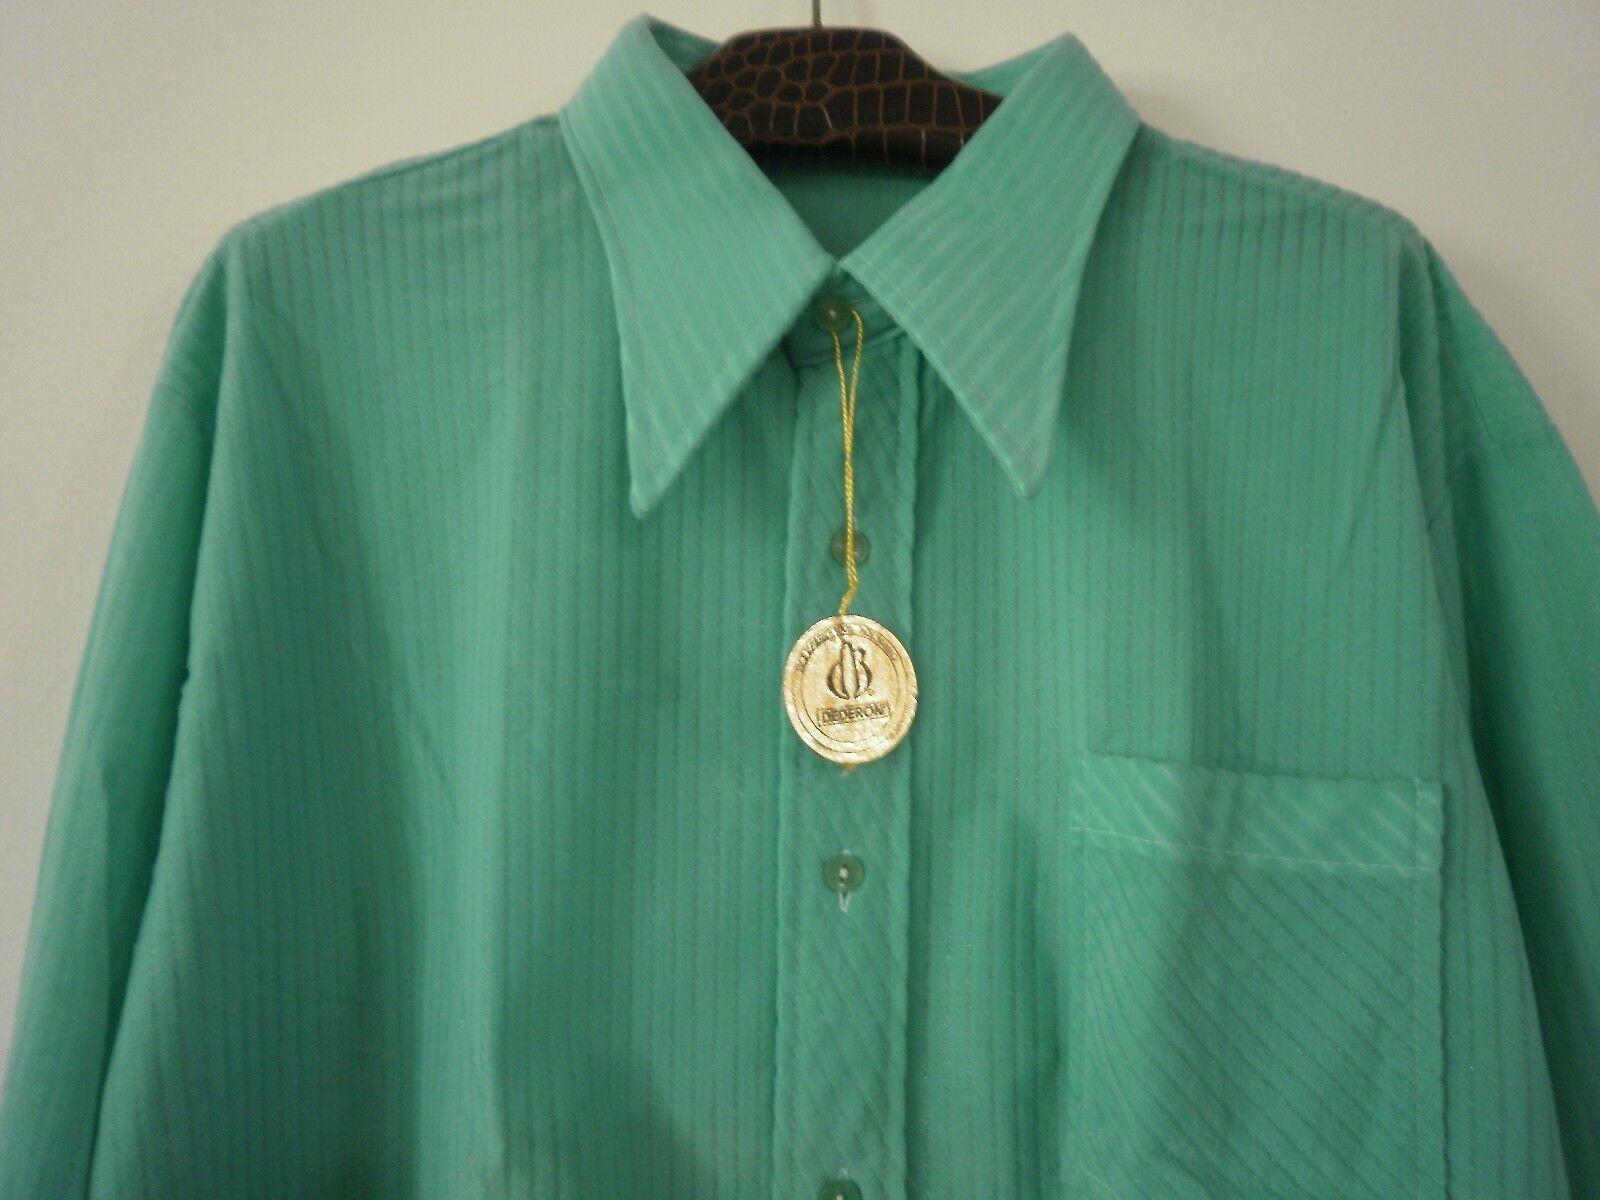 NYLON Herren Hemd Shirt VEB Modehemd Freizeithemden NOS 46 grün VINTAGE 70er     | Die Farbe ist sehr auffällig